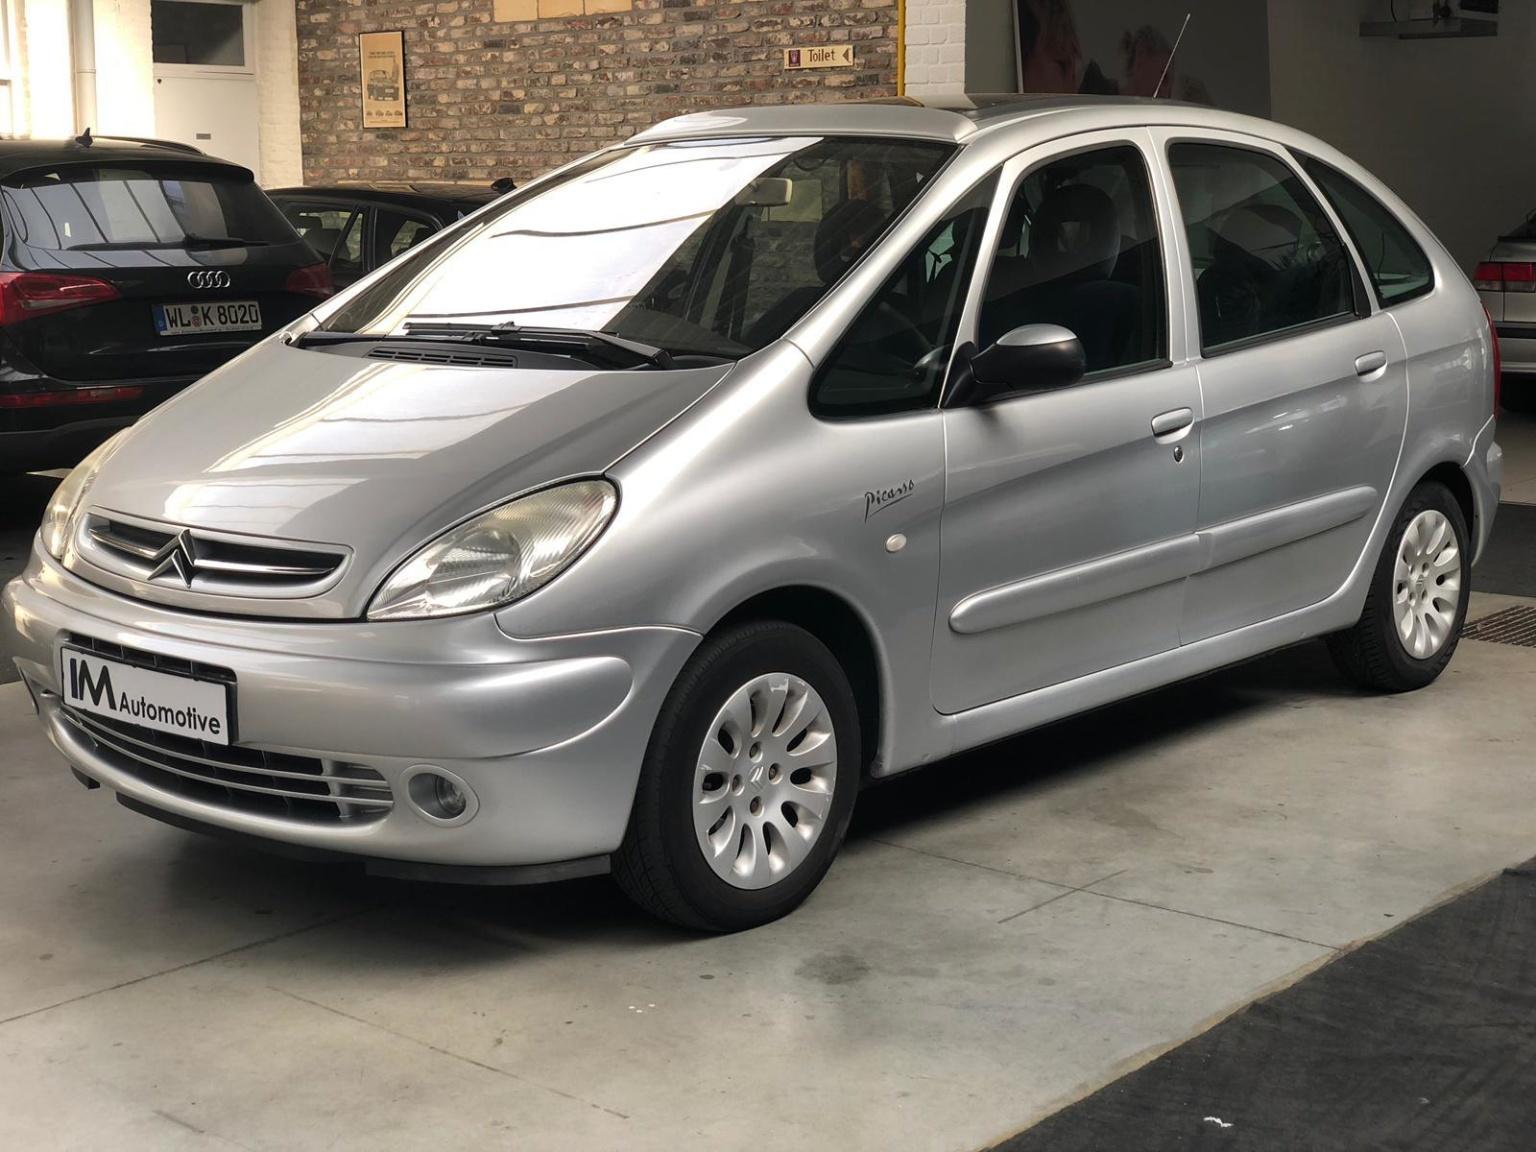 Citroën-Xsara Picasso-20